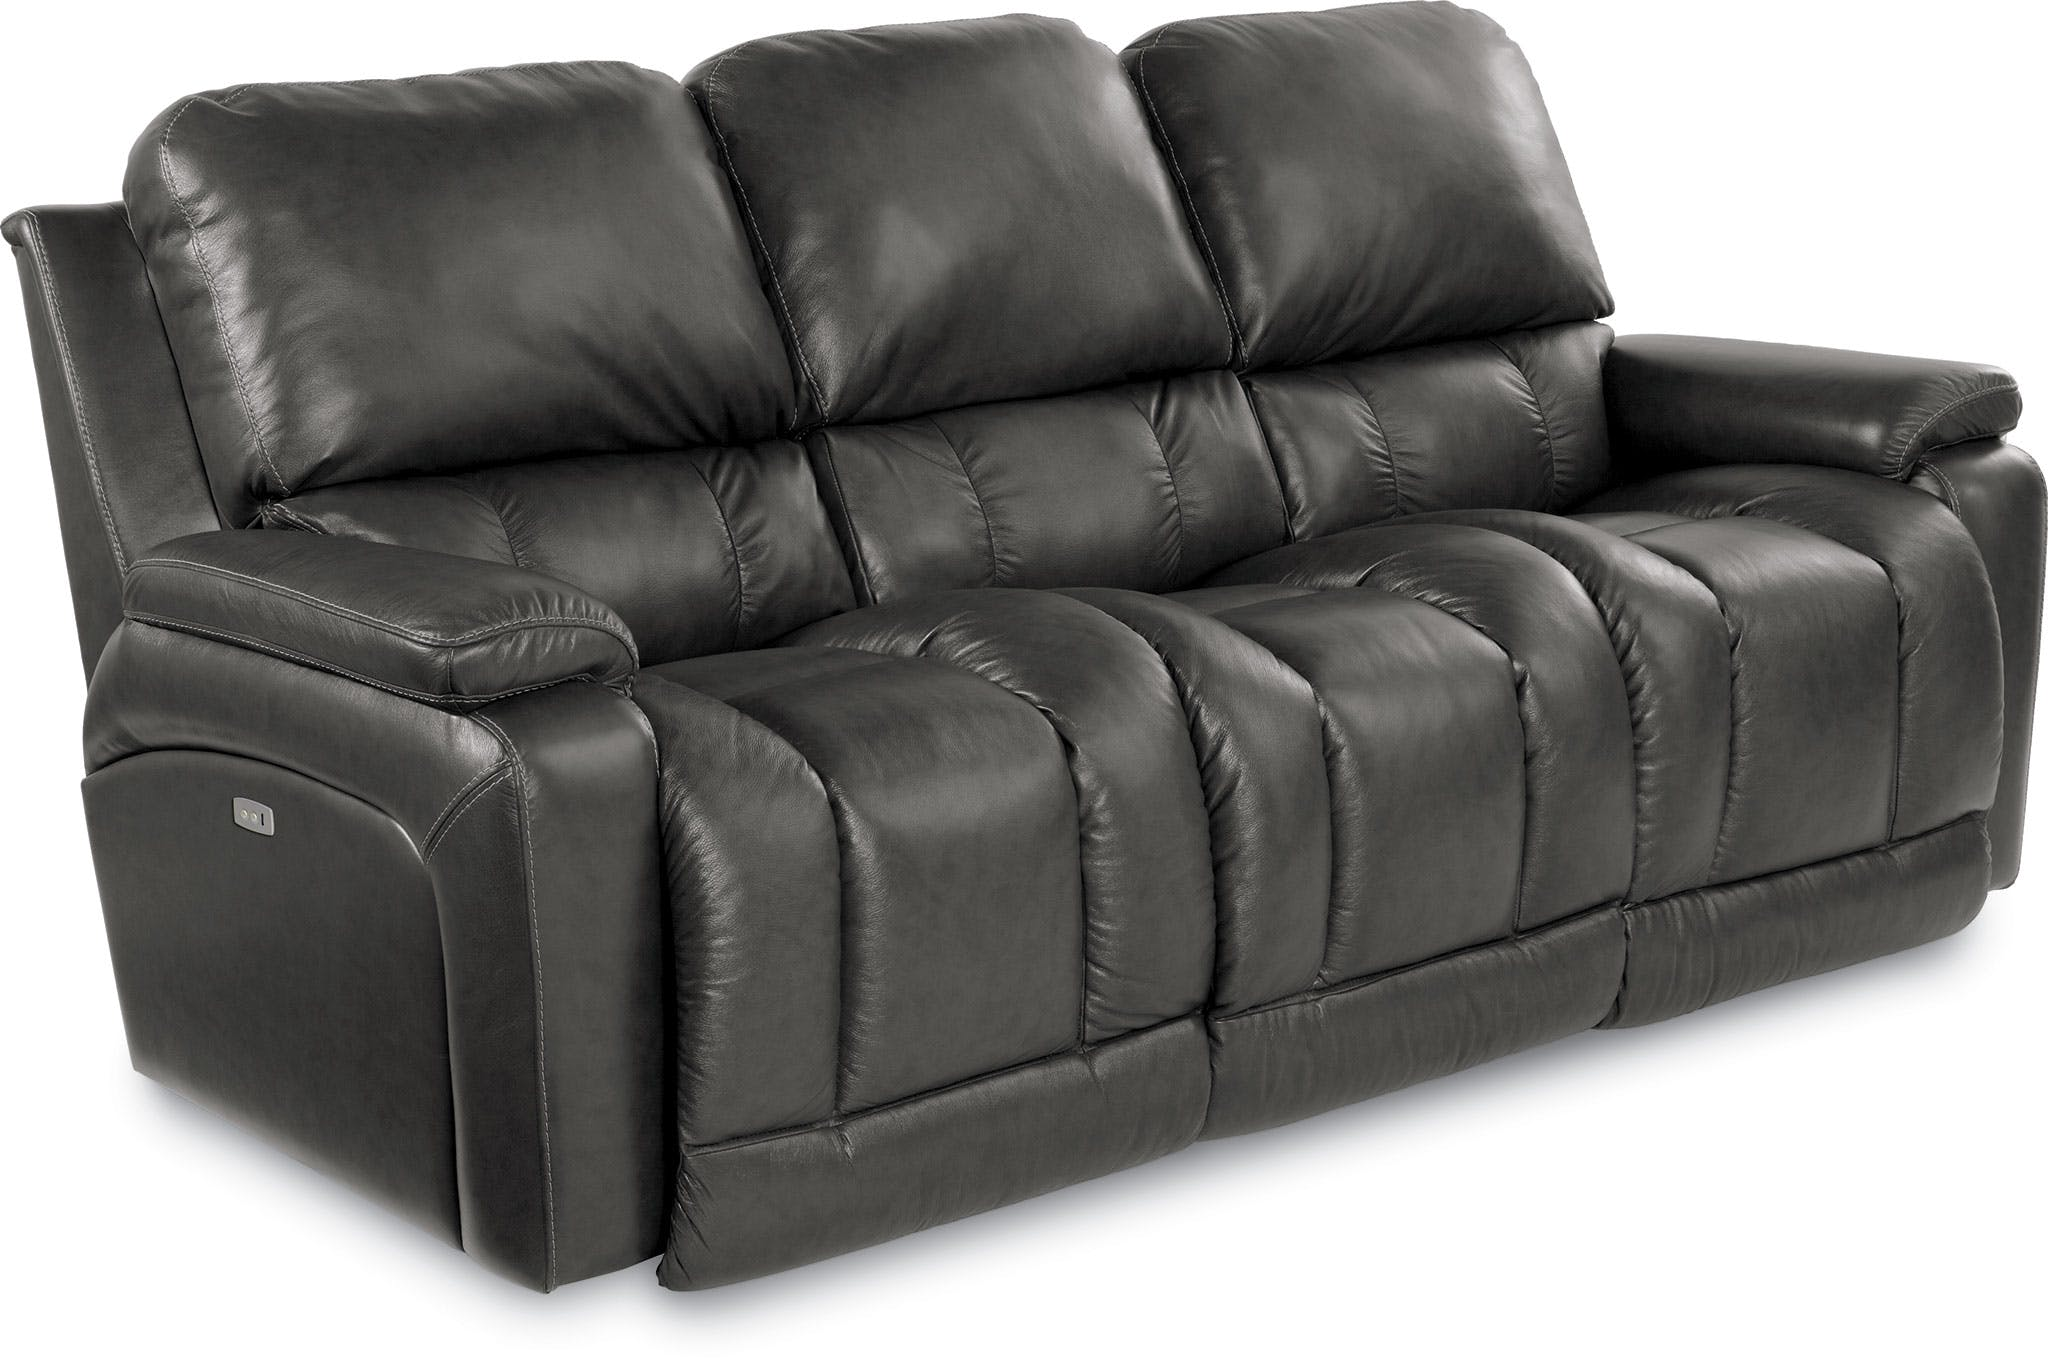 La-Z-Boy Living Room Leather Power Reclining Loveseat 48P530